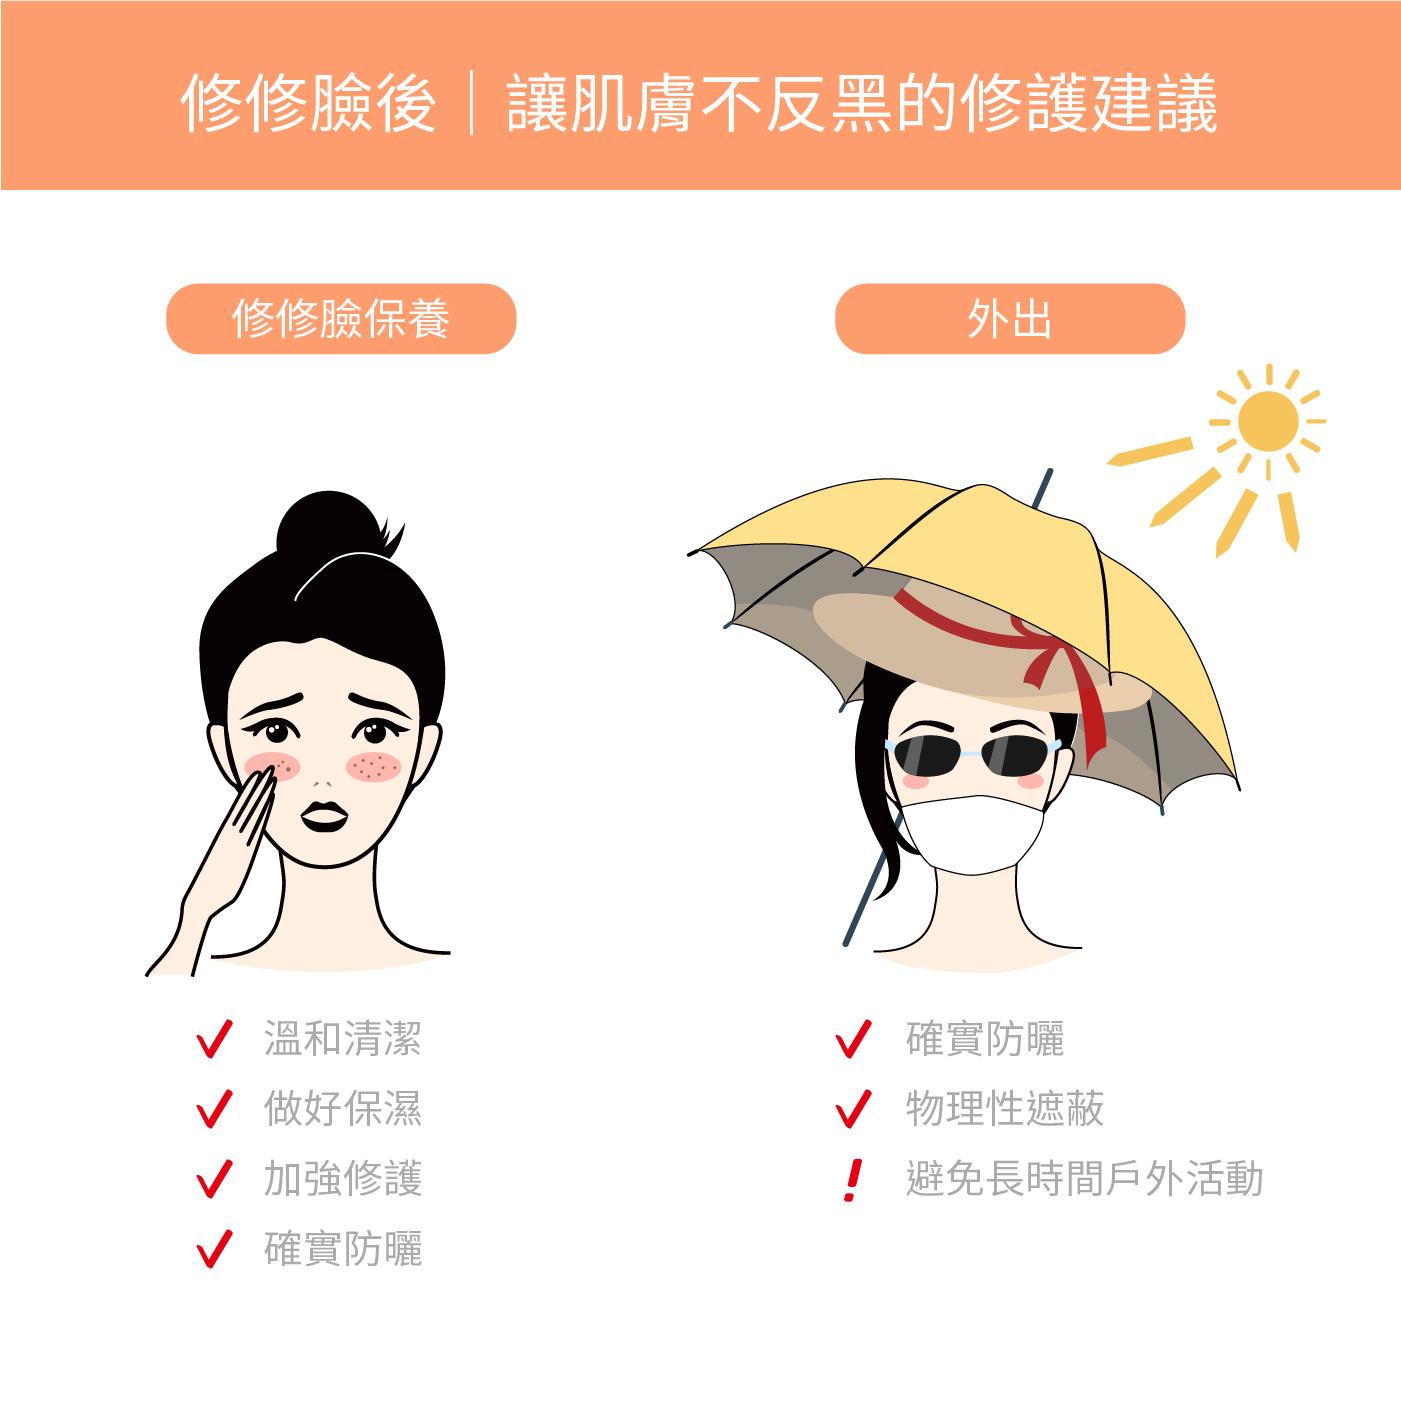 修修臉後 讓肌膚不反黑的修護建議